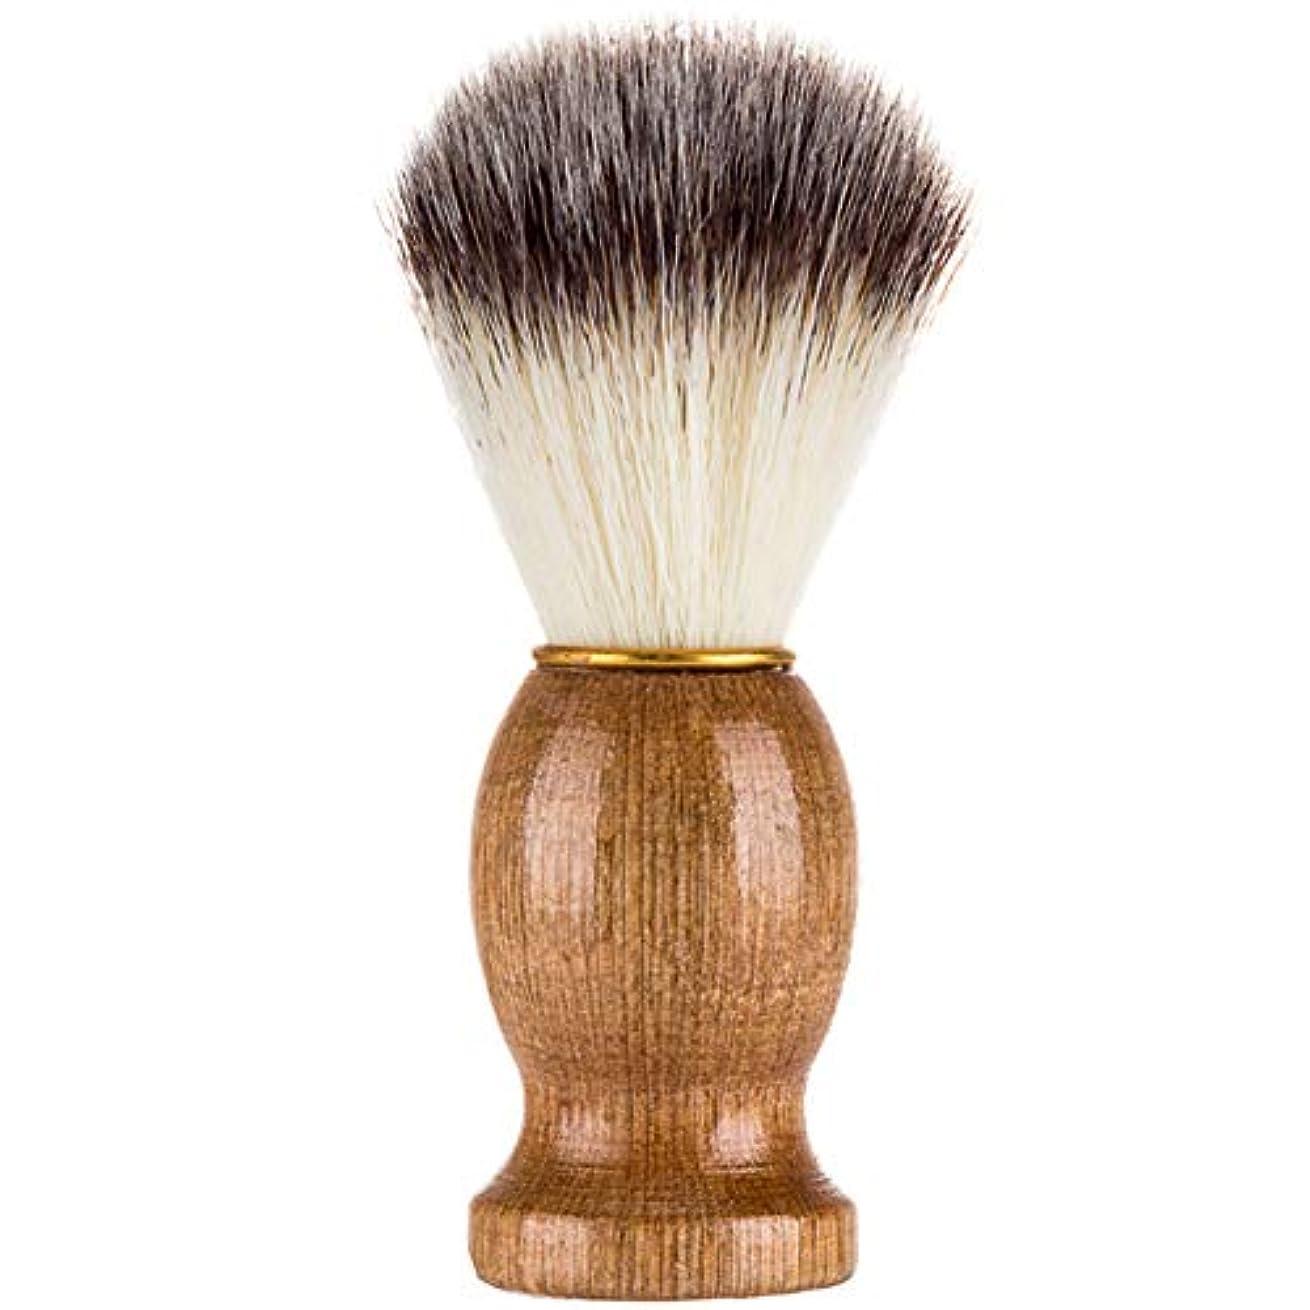 天使計算するマンモスTenflyer シェービングブラシ、シェービングブラシ、男性シェービングブラシシェービングかみそりブラシサロン理髪店用ツールひげ剃り用品